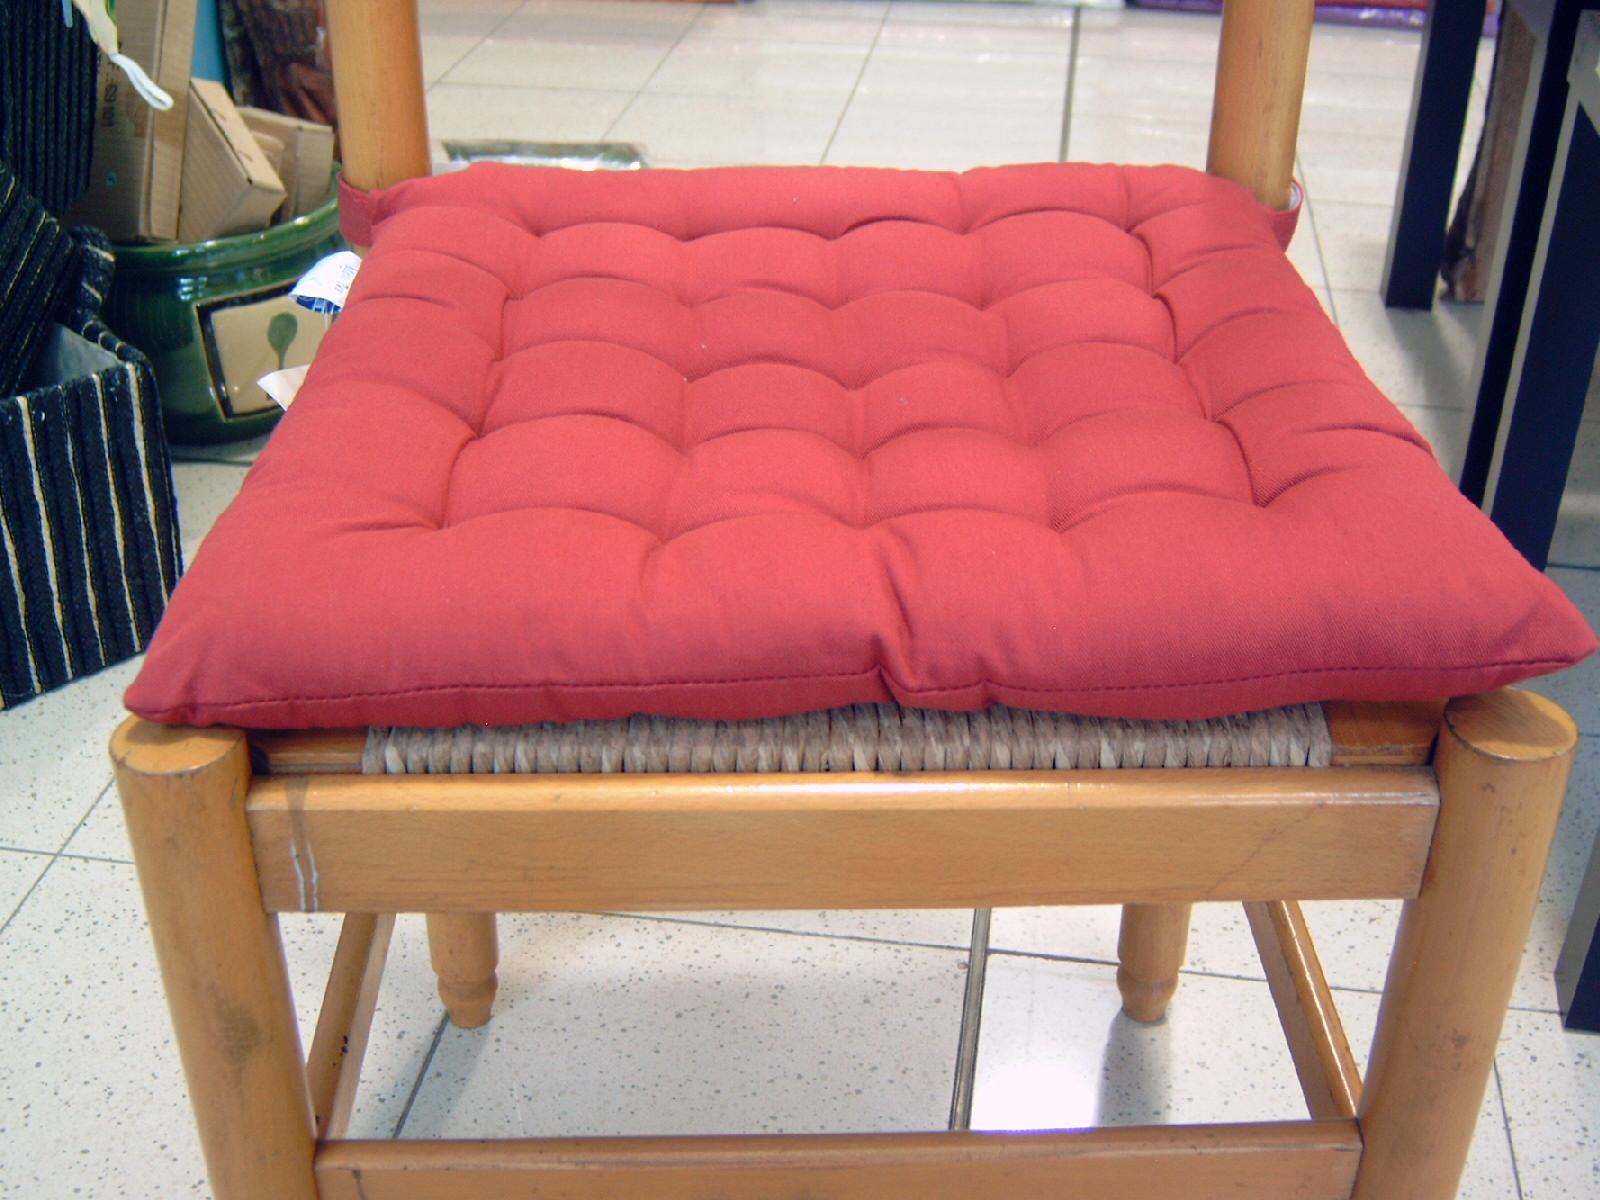 Cuscini sedie cucina in cotone rotondi e quadrati  Bollengo